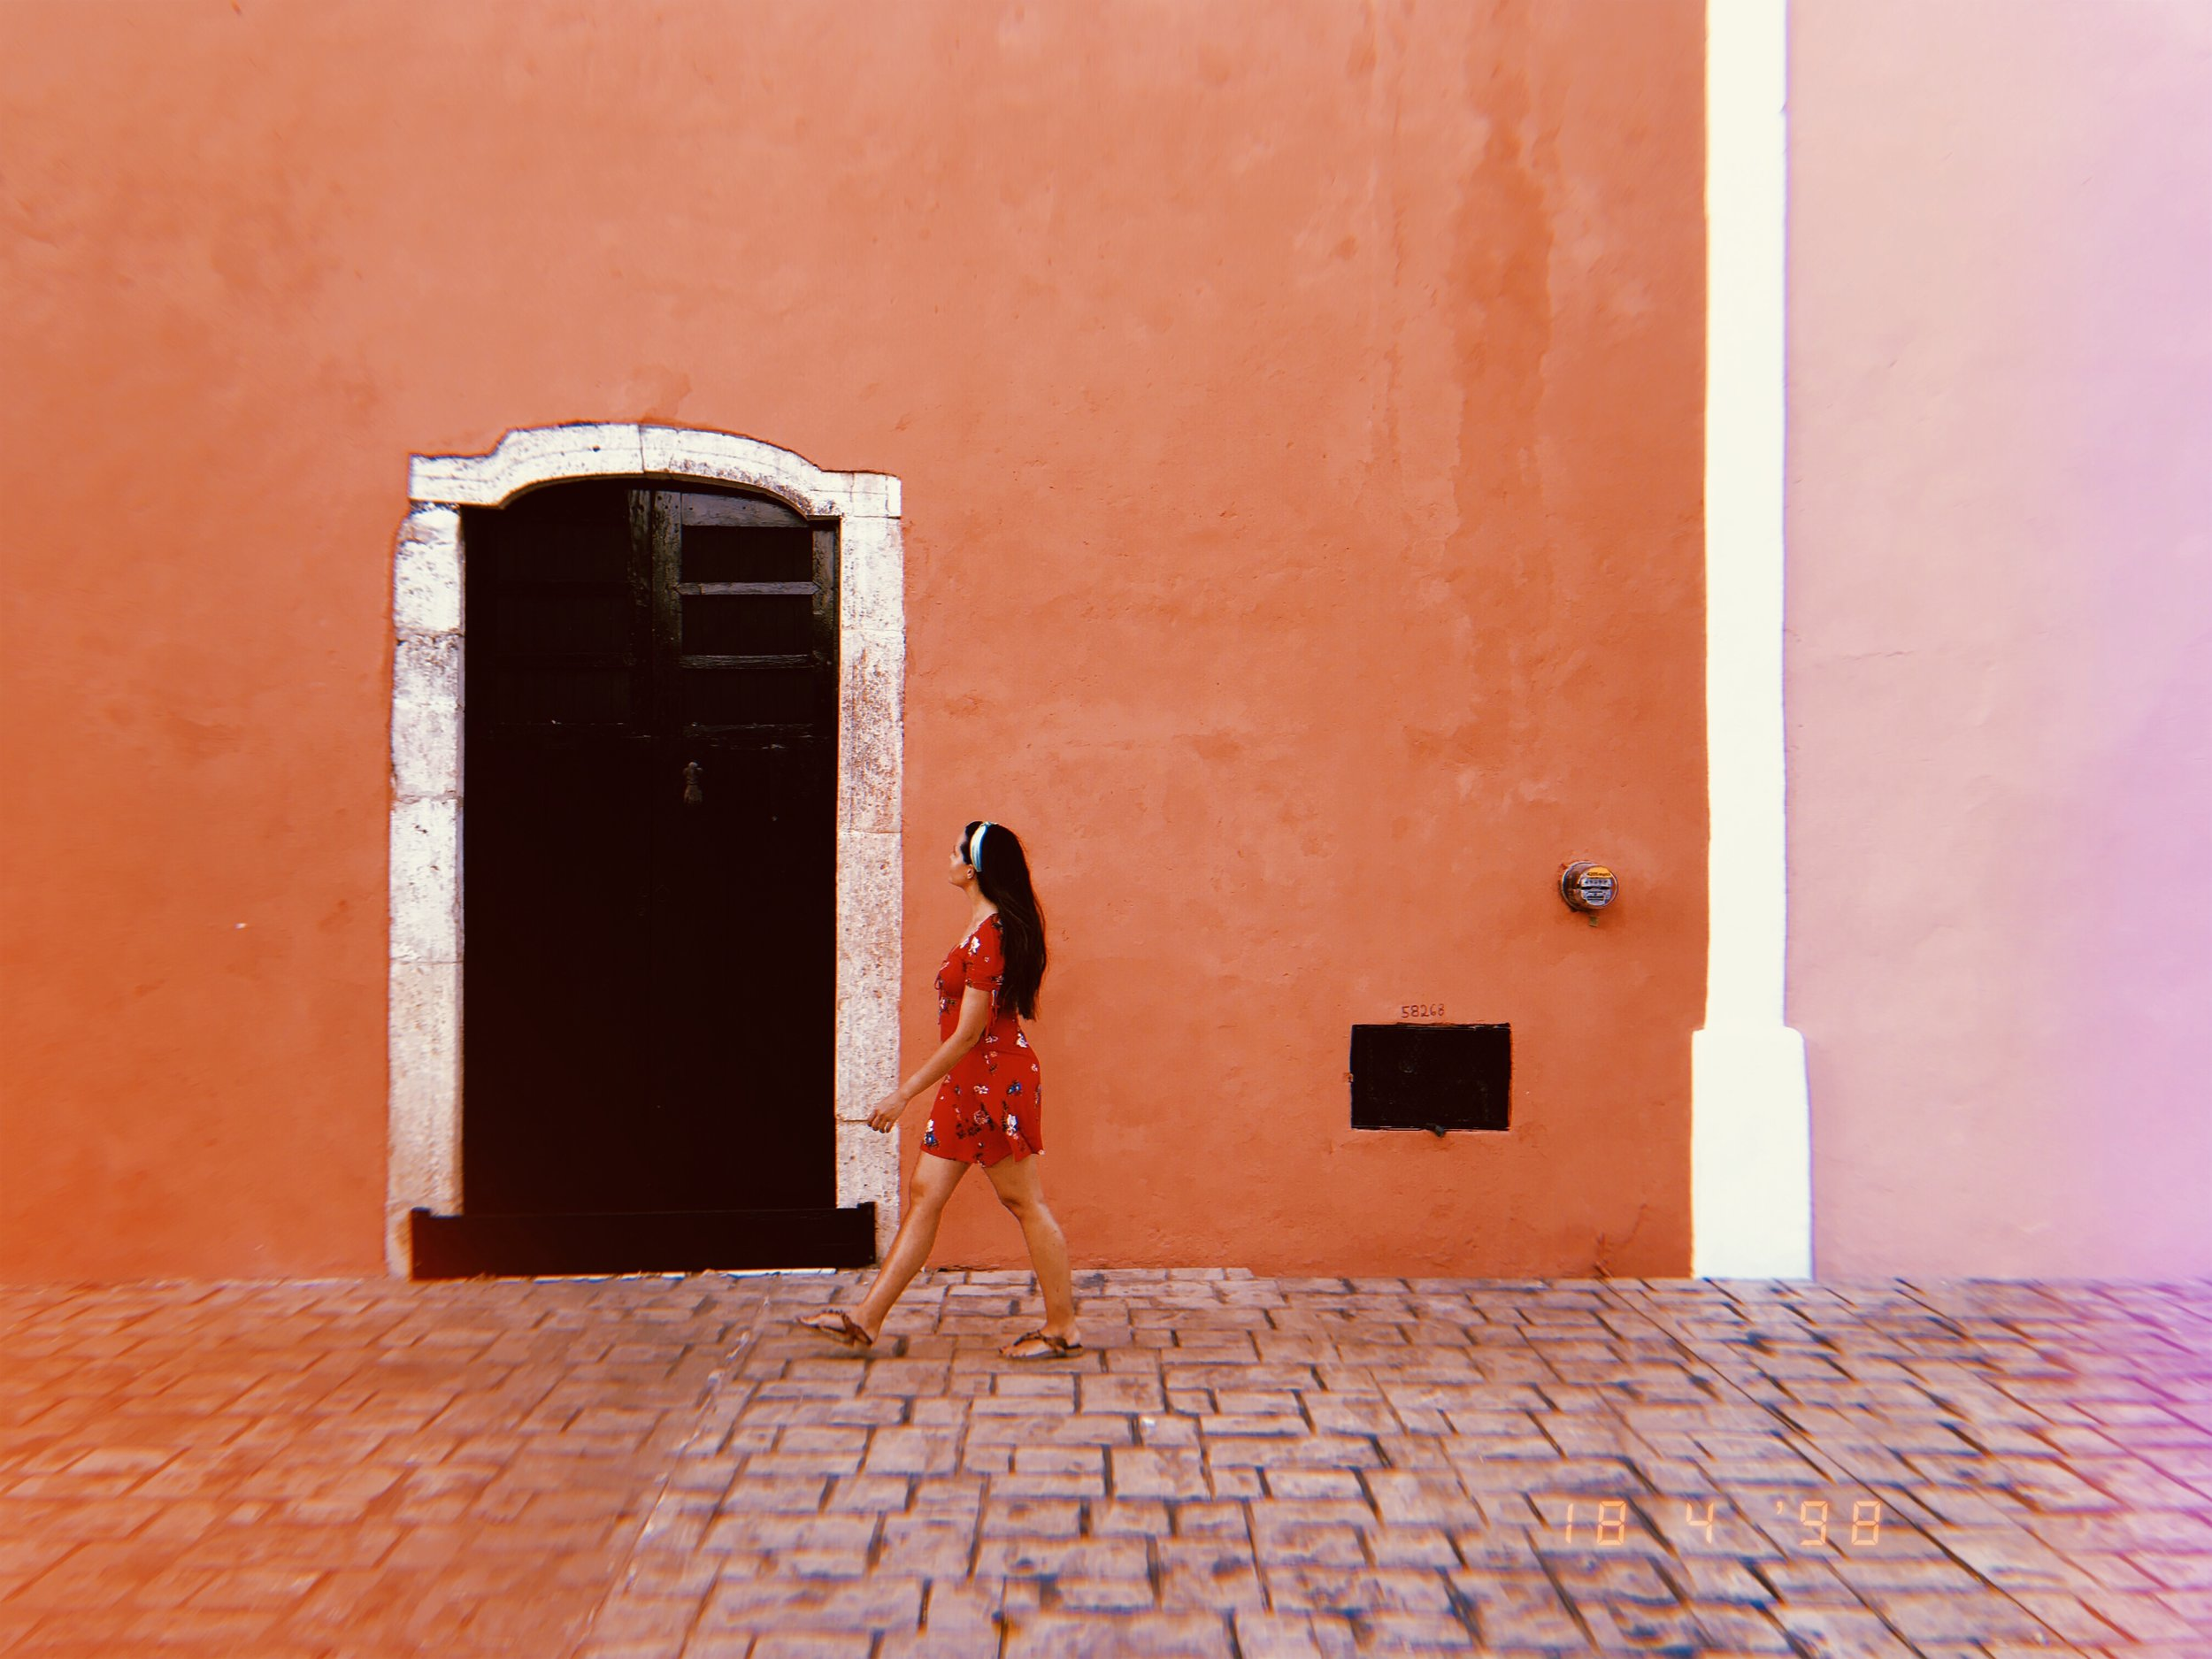 Yucatán - Cuanto había soñado y planeado este viaje por la parte Mexicana de la península y dejadme deciros que el viaje supero con creces mis expectativas. Regrese enamorada de esta parte de Mexico y con ganas de regresar en otra ocasión. Y es que la península de Yucatan tiene tanto que ofrecer que hacen falta varios viajes para descubrirla. Tanto si vas en familia, con tu pareja o en solitario, aquí os cuento el itinerario de dos semanas que realizamos. Catorce días de paisajes inolvidables, aventuras variadas y descubrimientos gastronómicos.